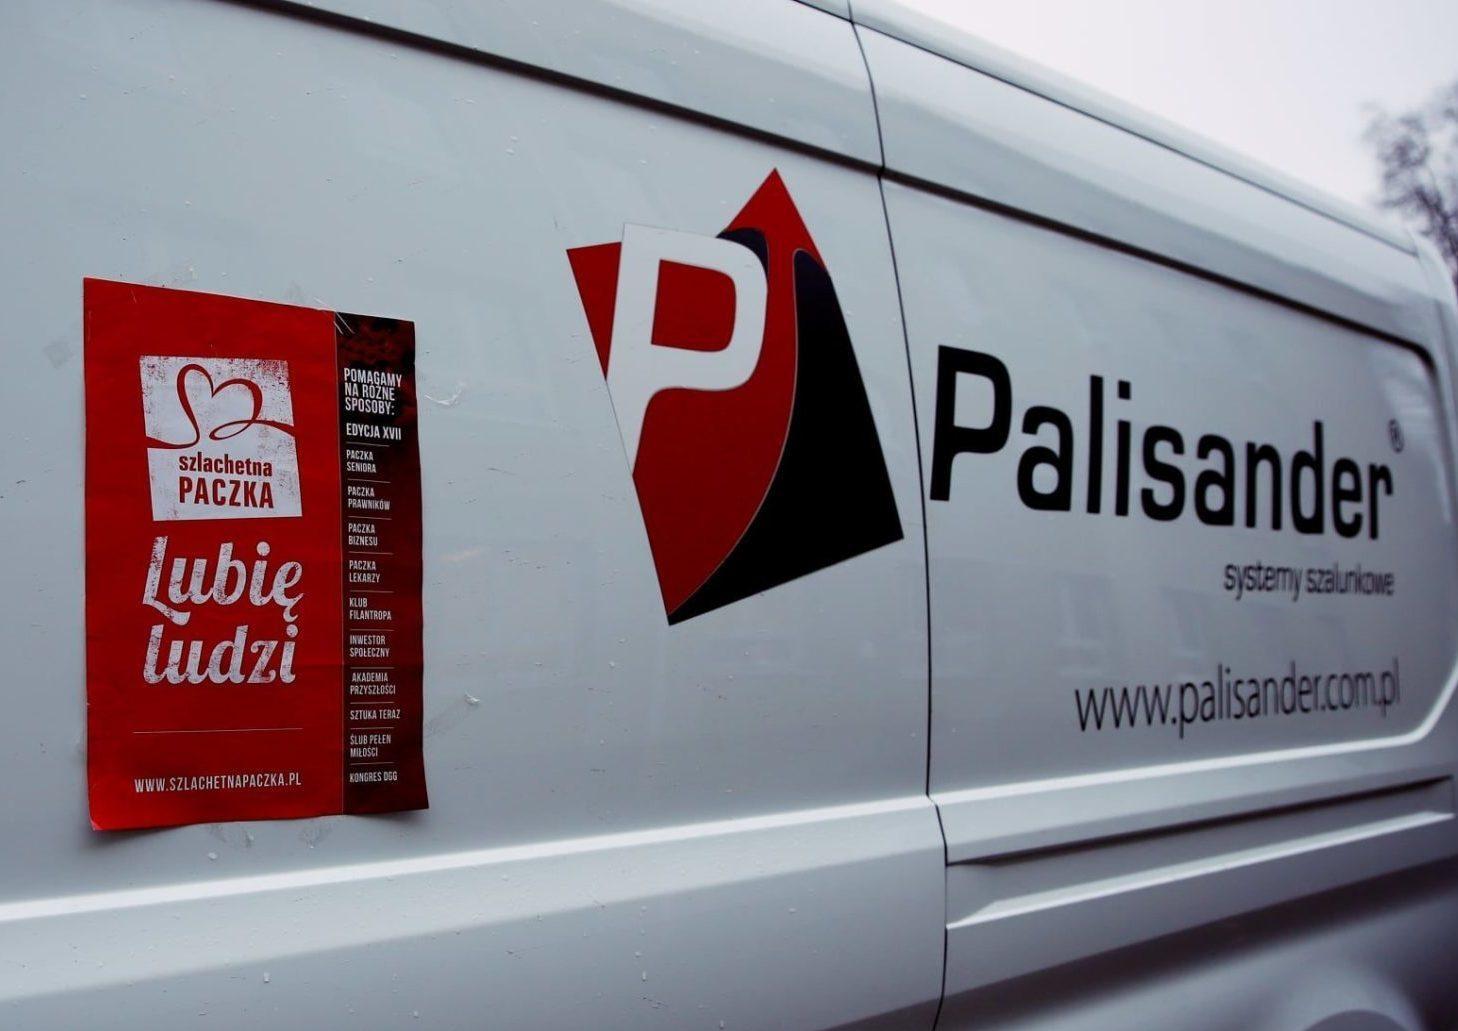 Naklejka Szlachetna Paczka na samochodzie firmy Palisander